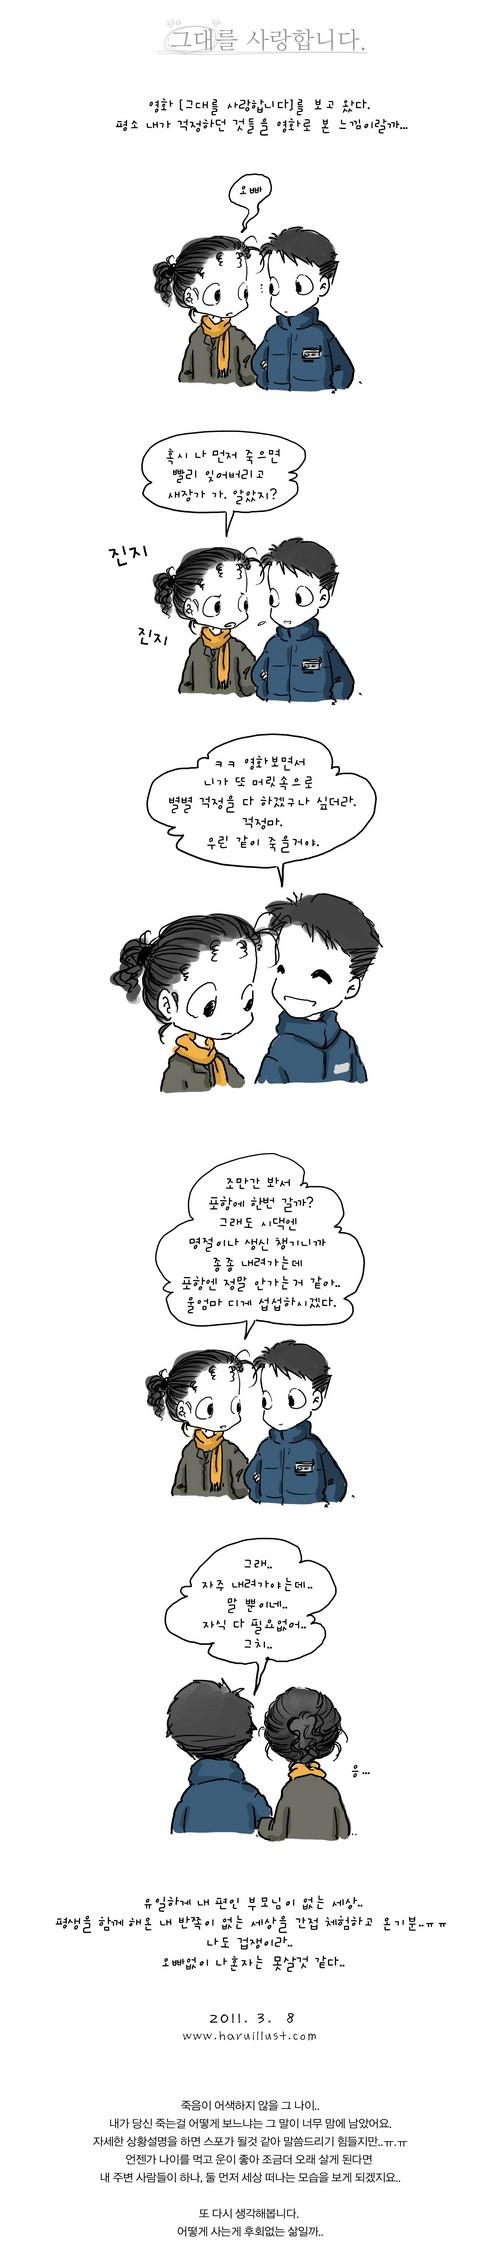 韩语漫画:690999332505之我爱你